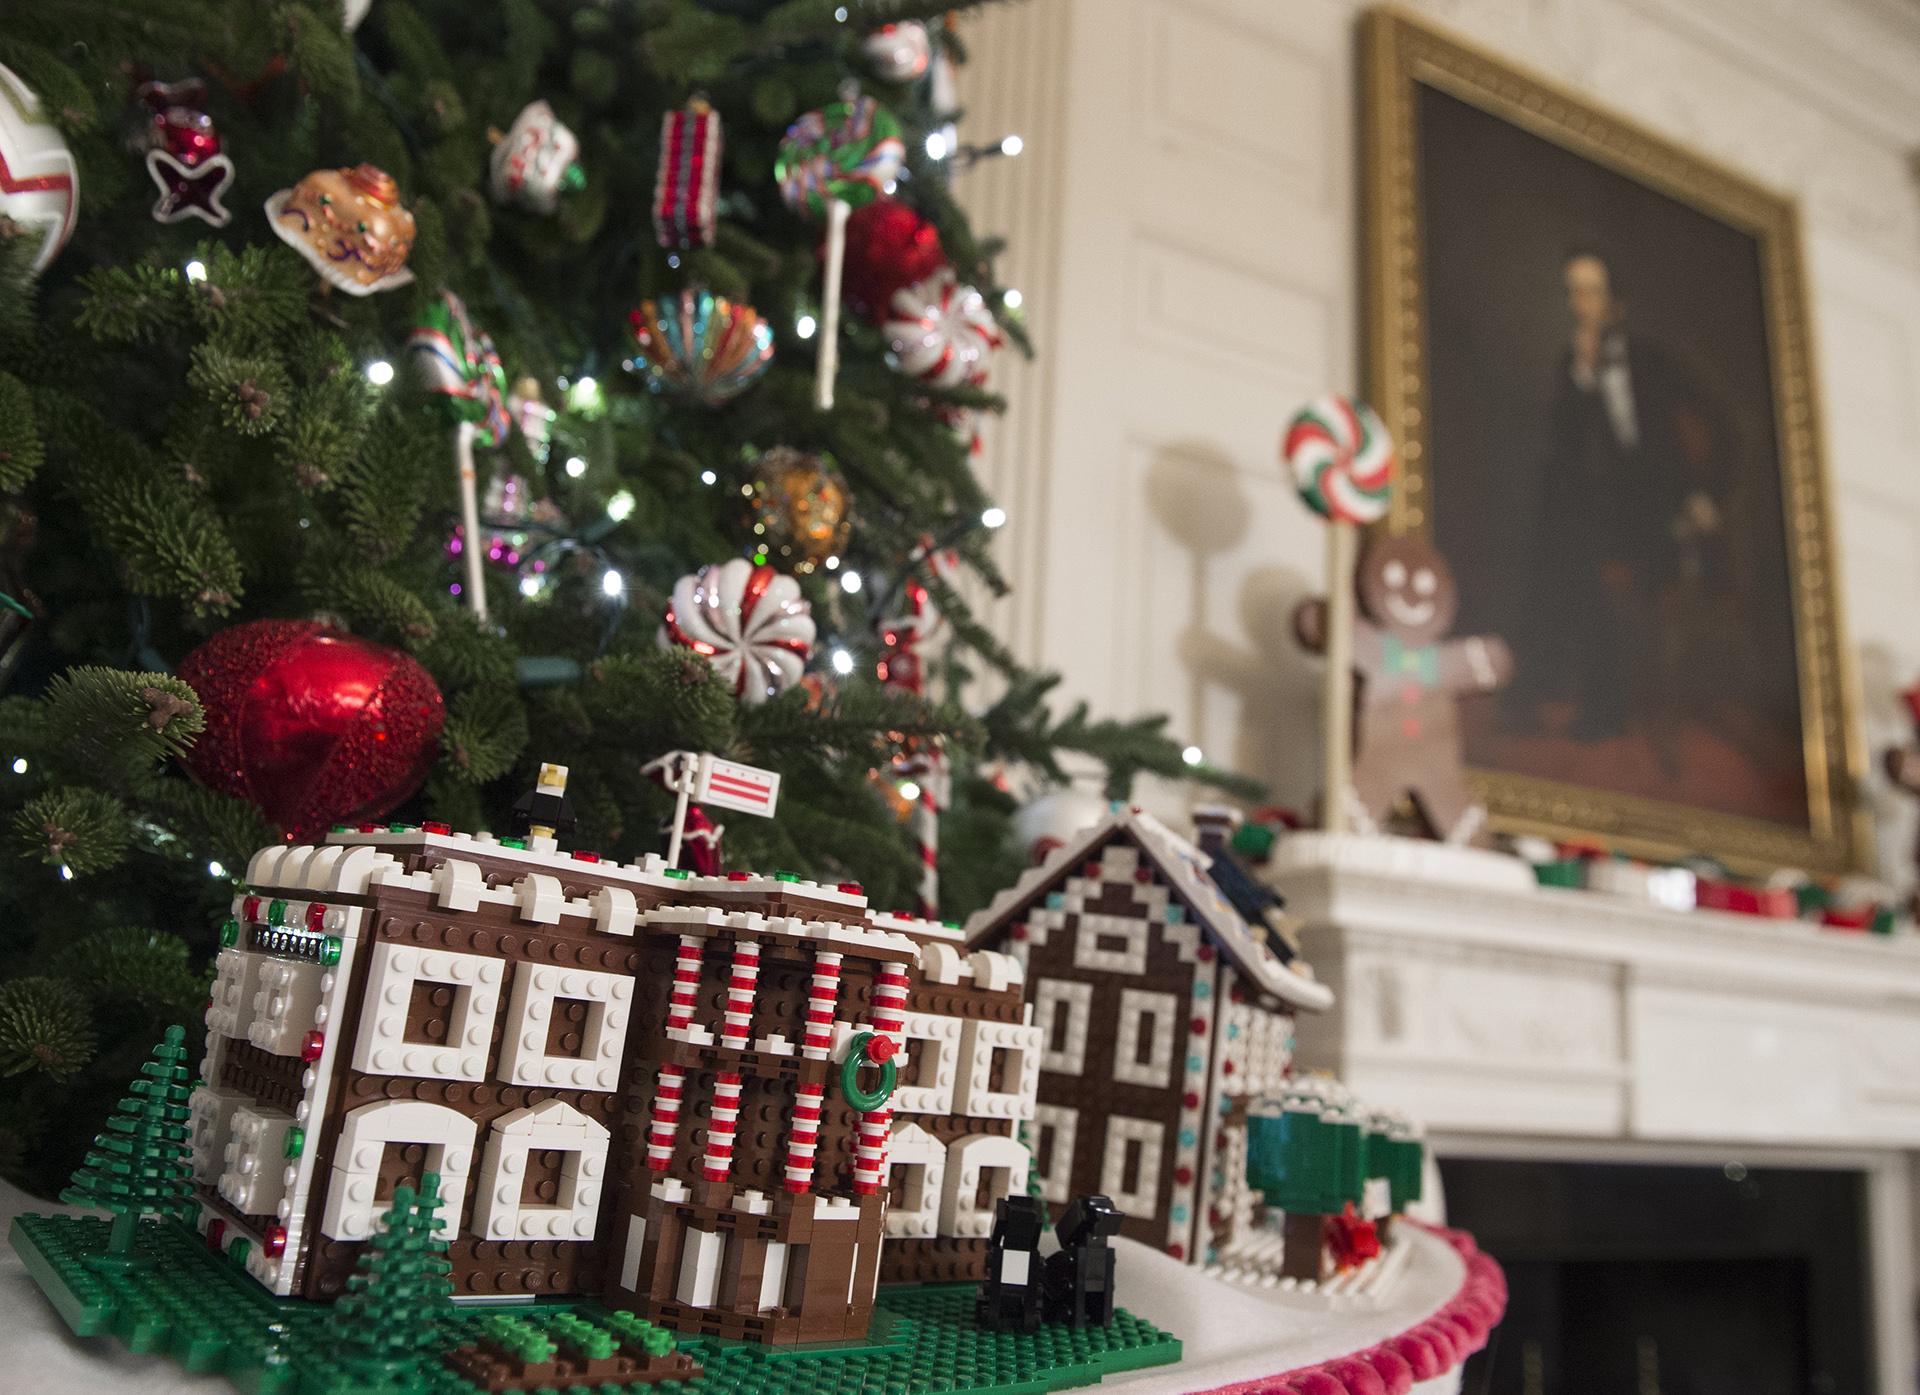 Las casas hechas con Legos adornan uno de los árboles de la Casa Blanca.